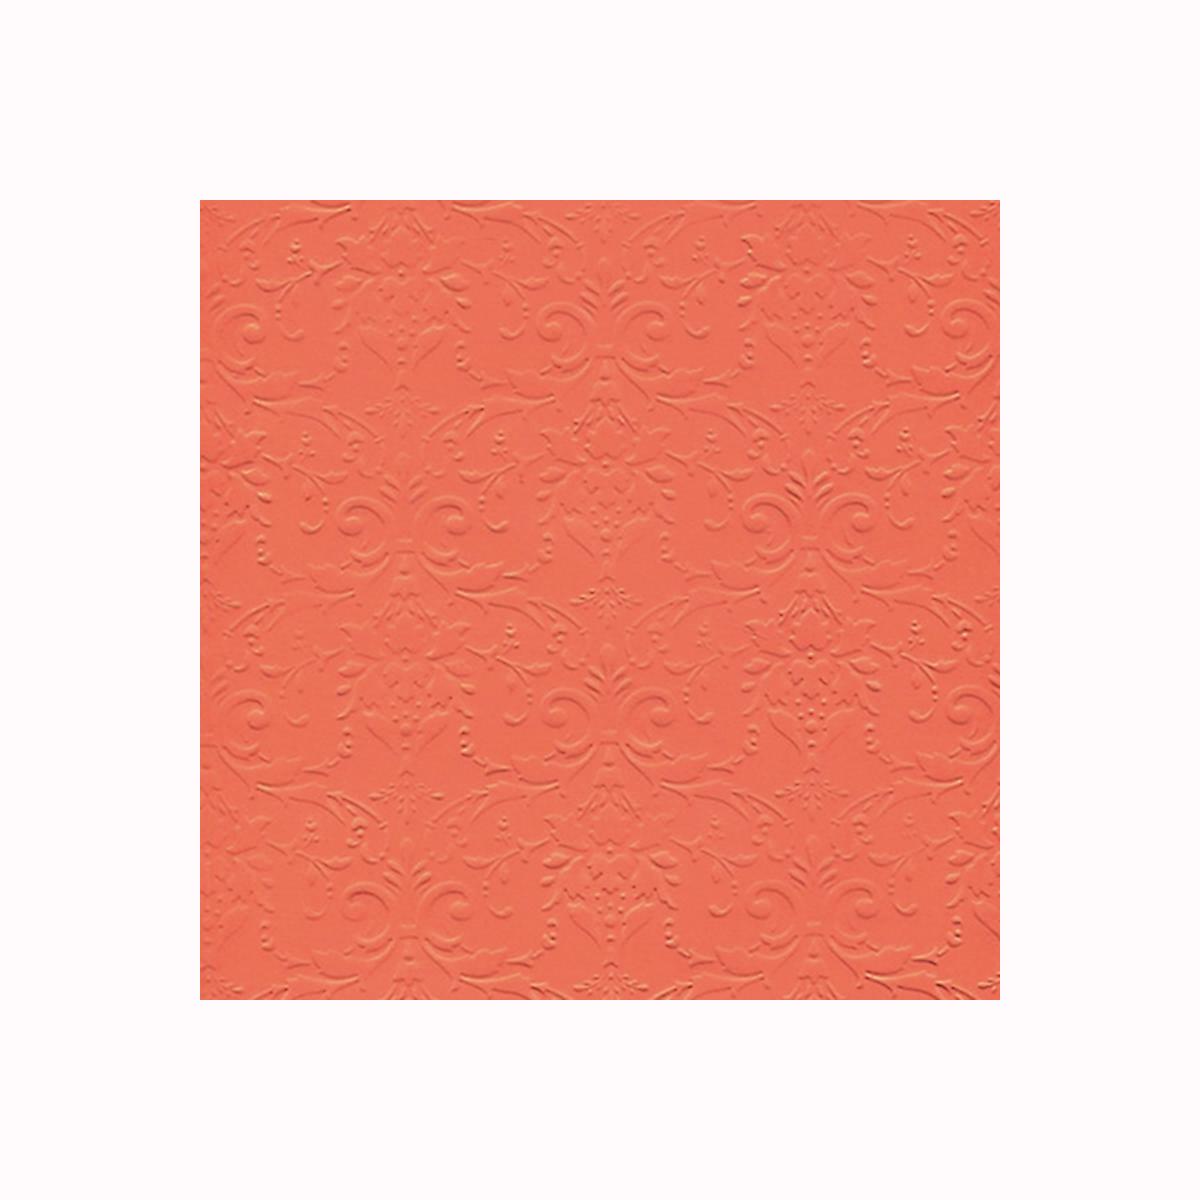 Бумага фактурная Лоза Дамасский узор, цвет: оранжевый, 3 листа дамасский нож